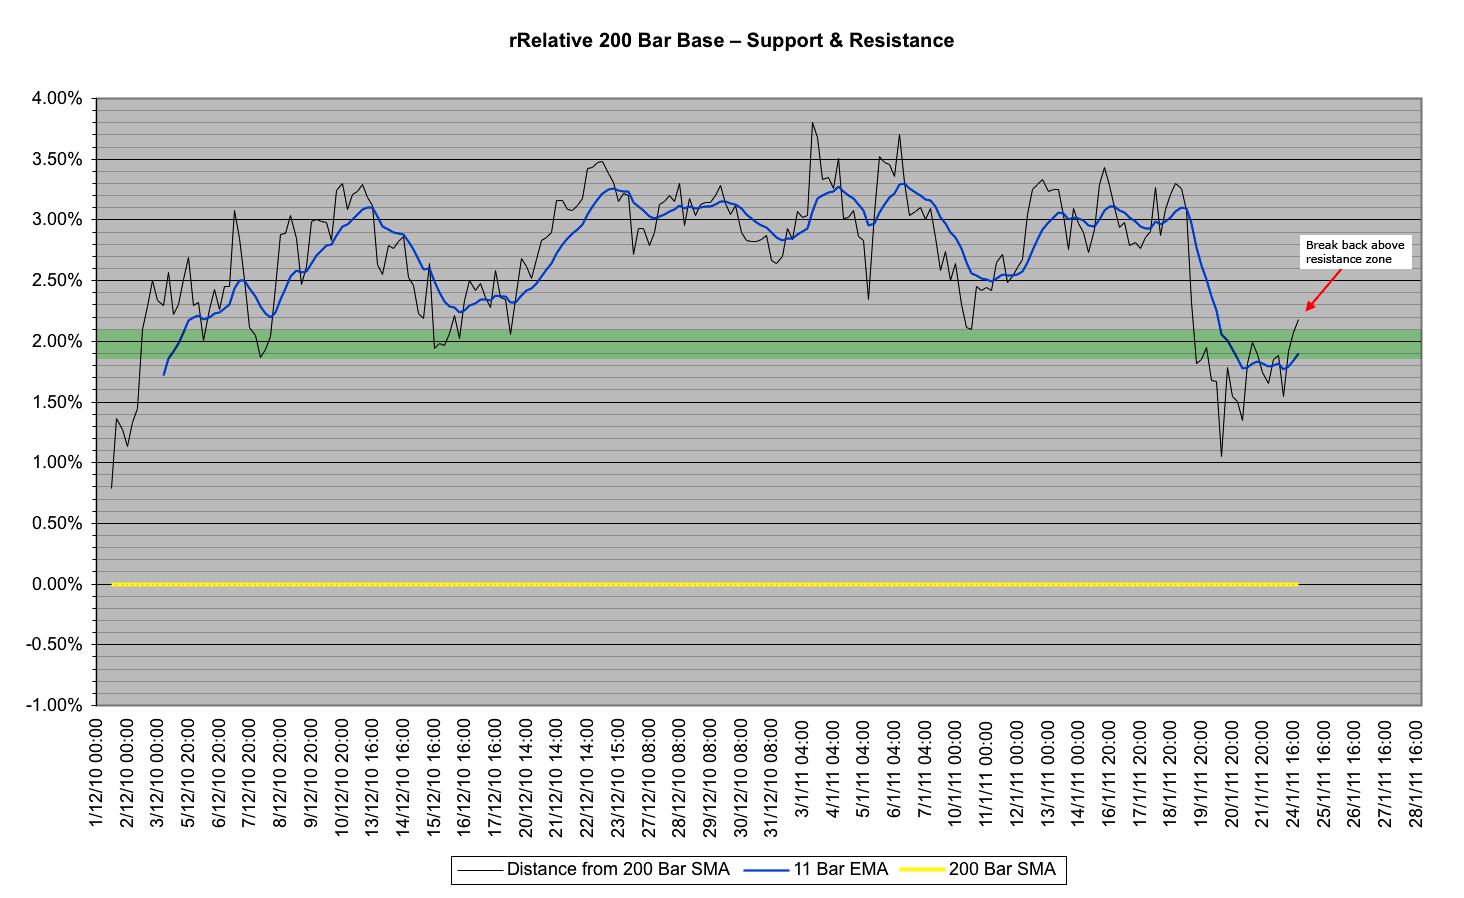 rrelative-suppres-25-1-11.png